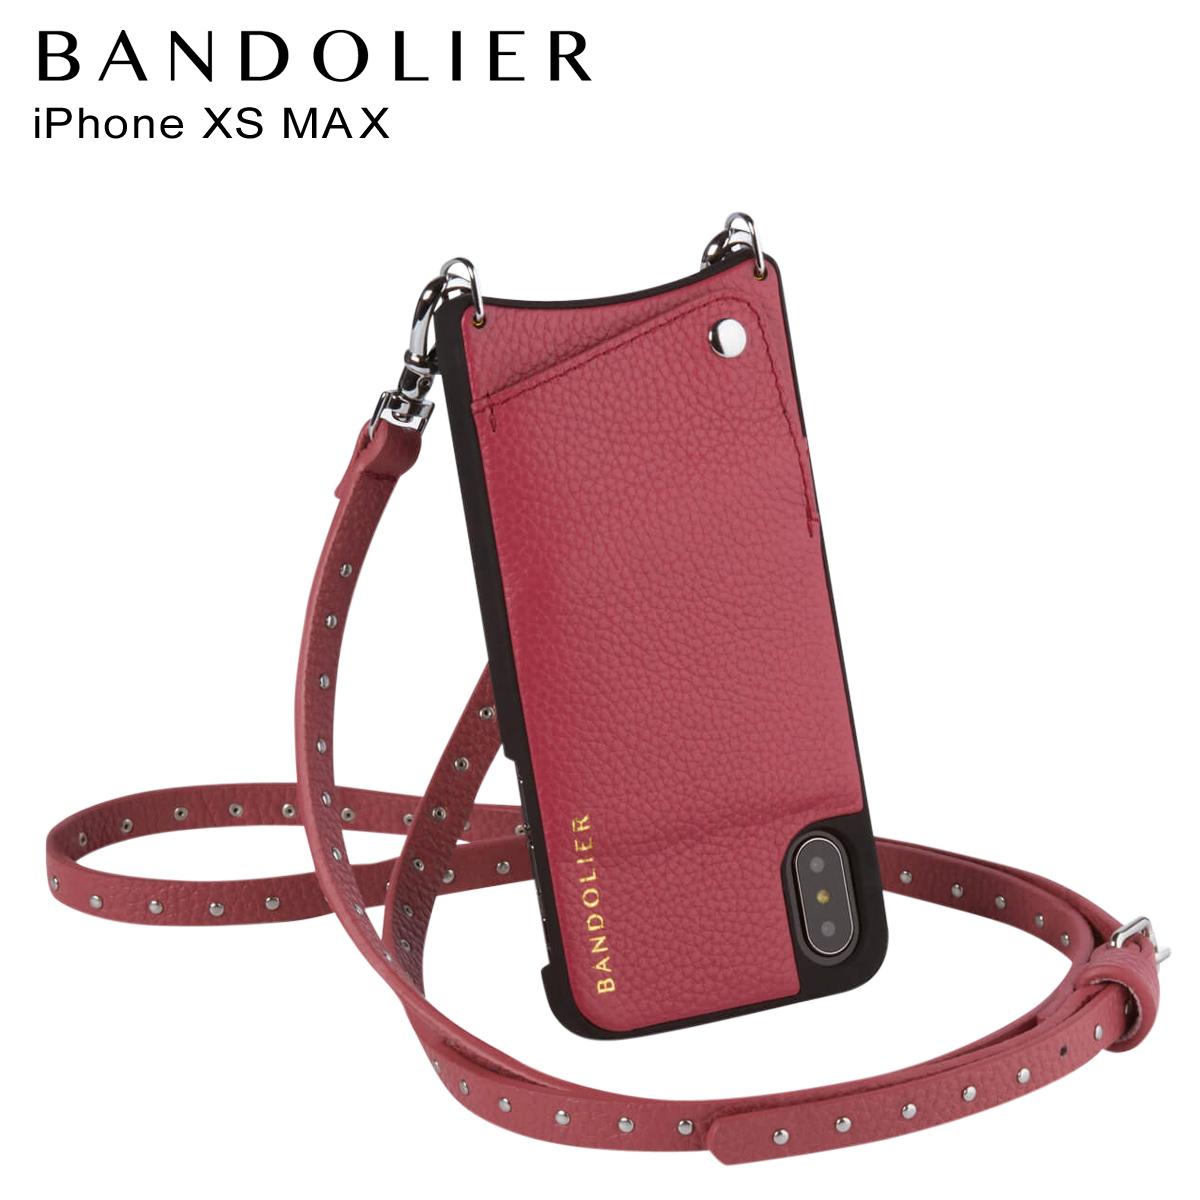 BANDOLIER iPhone XS MAX NICOLE MAGENTA RED バンドリヤー ケース ショルダー スマホ アイフォン レザー メンズ レディース マゼンタ レッド 10NIC1001 [3/18 再入荷]